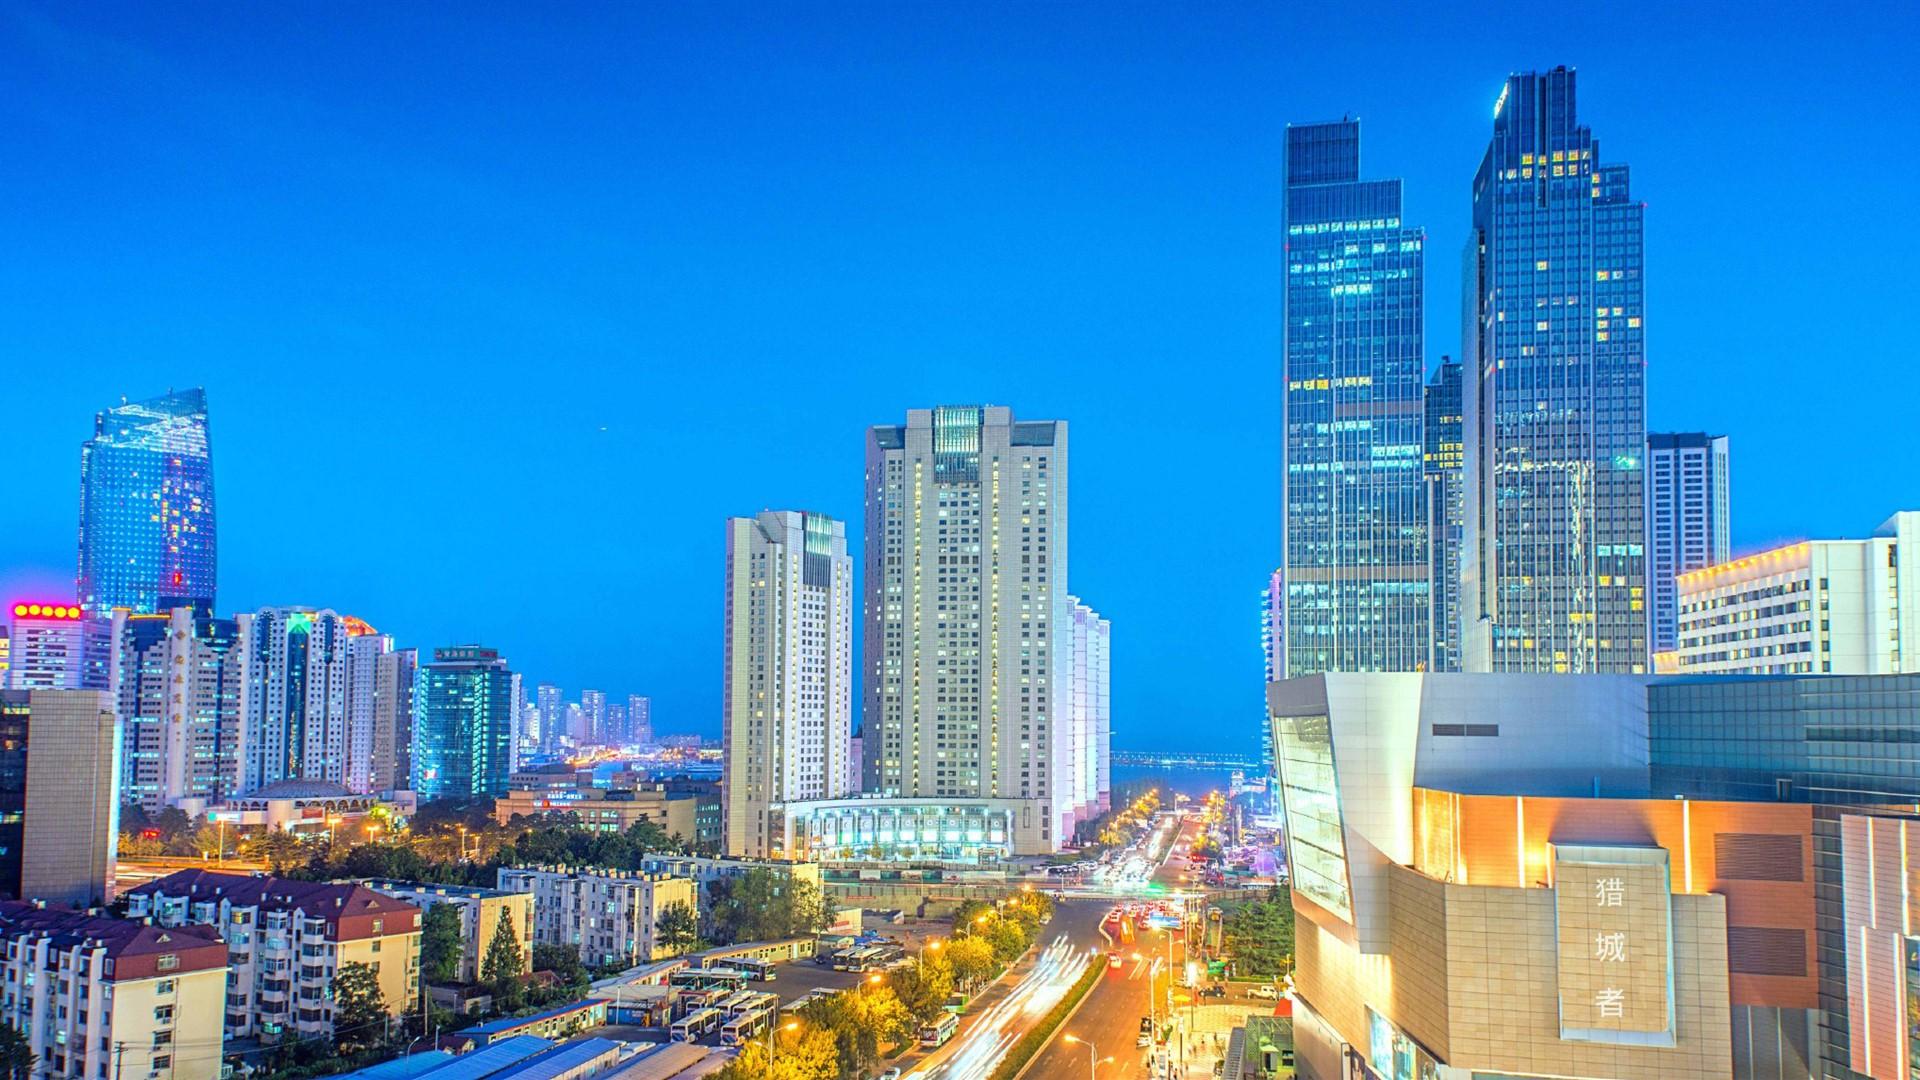 青岛市2019年经济总量_青岛市2030年规划图